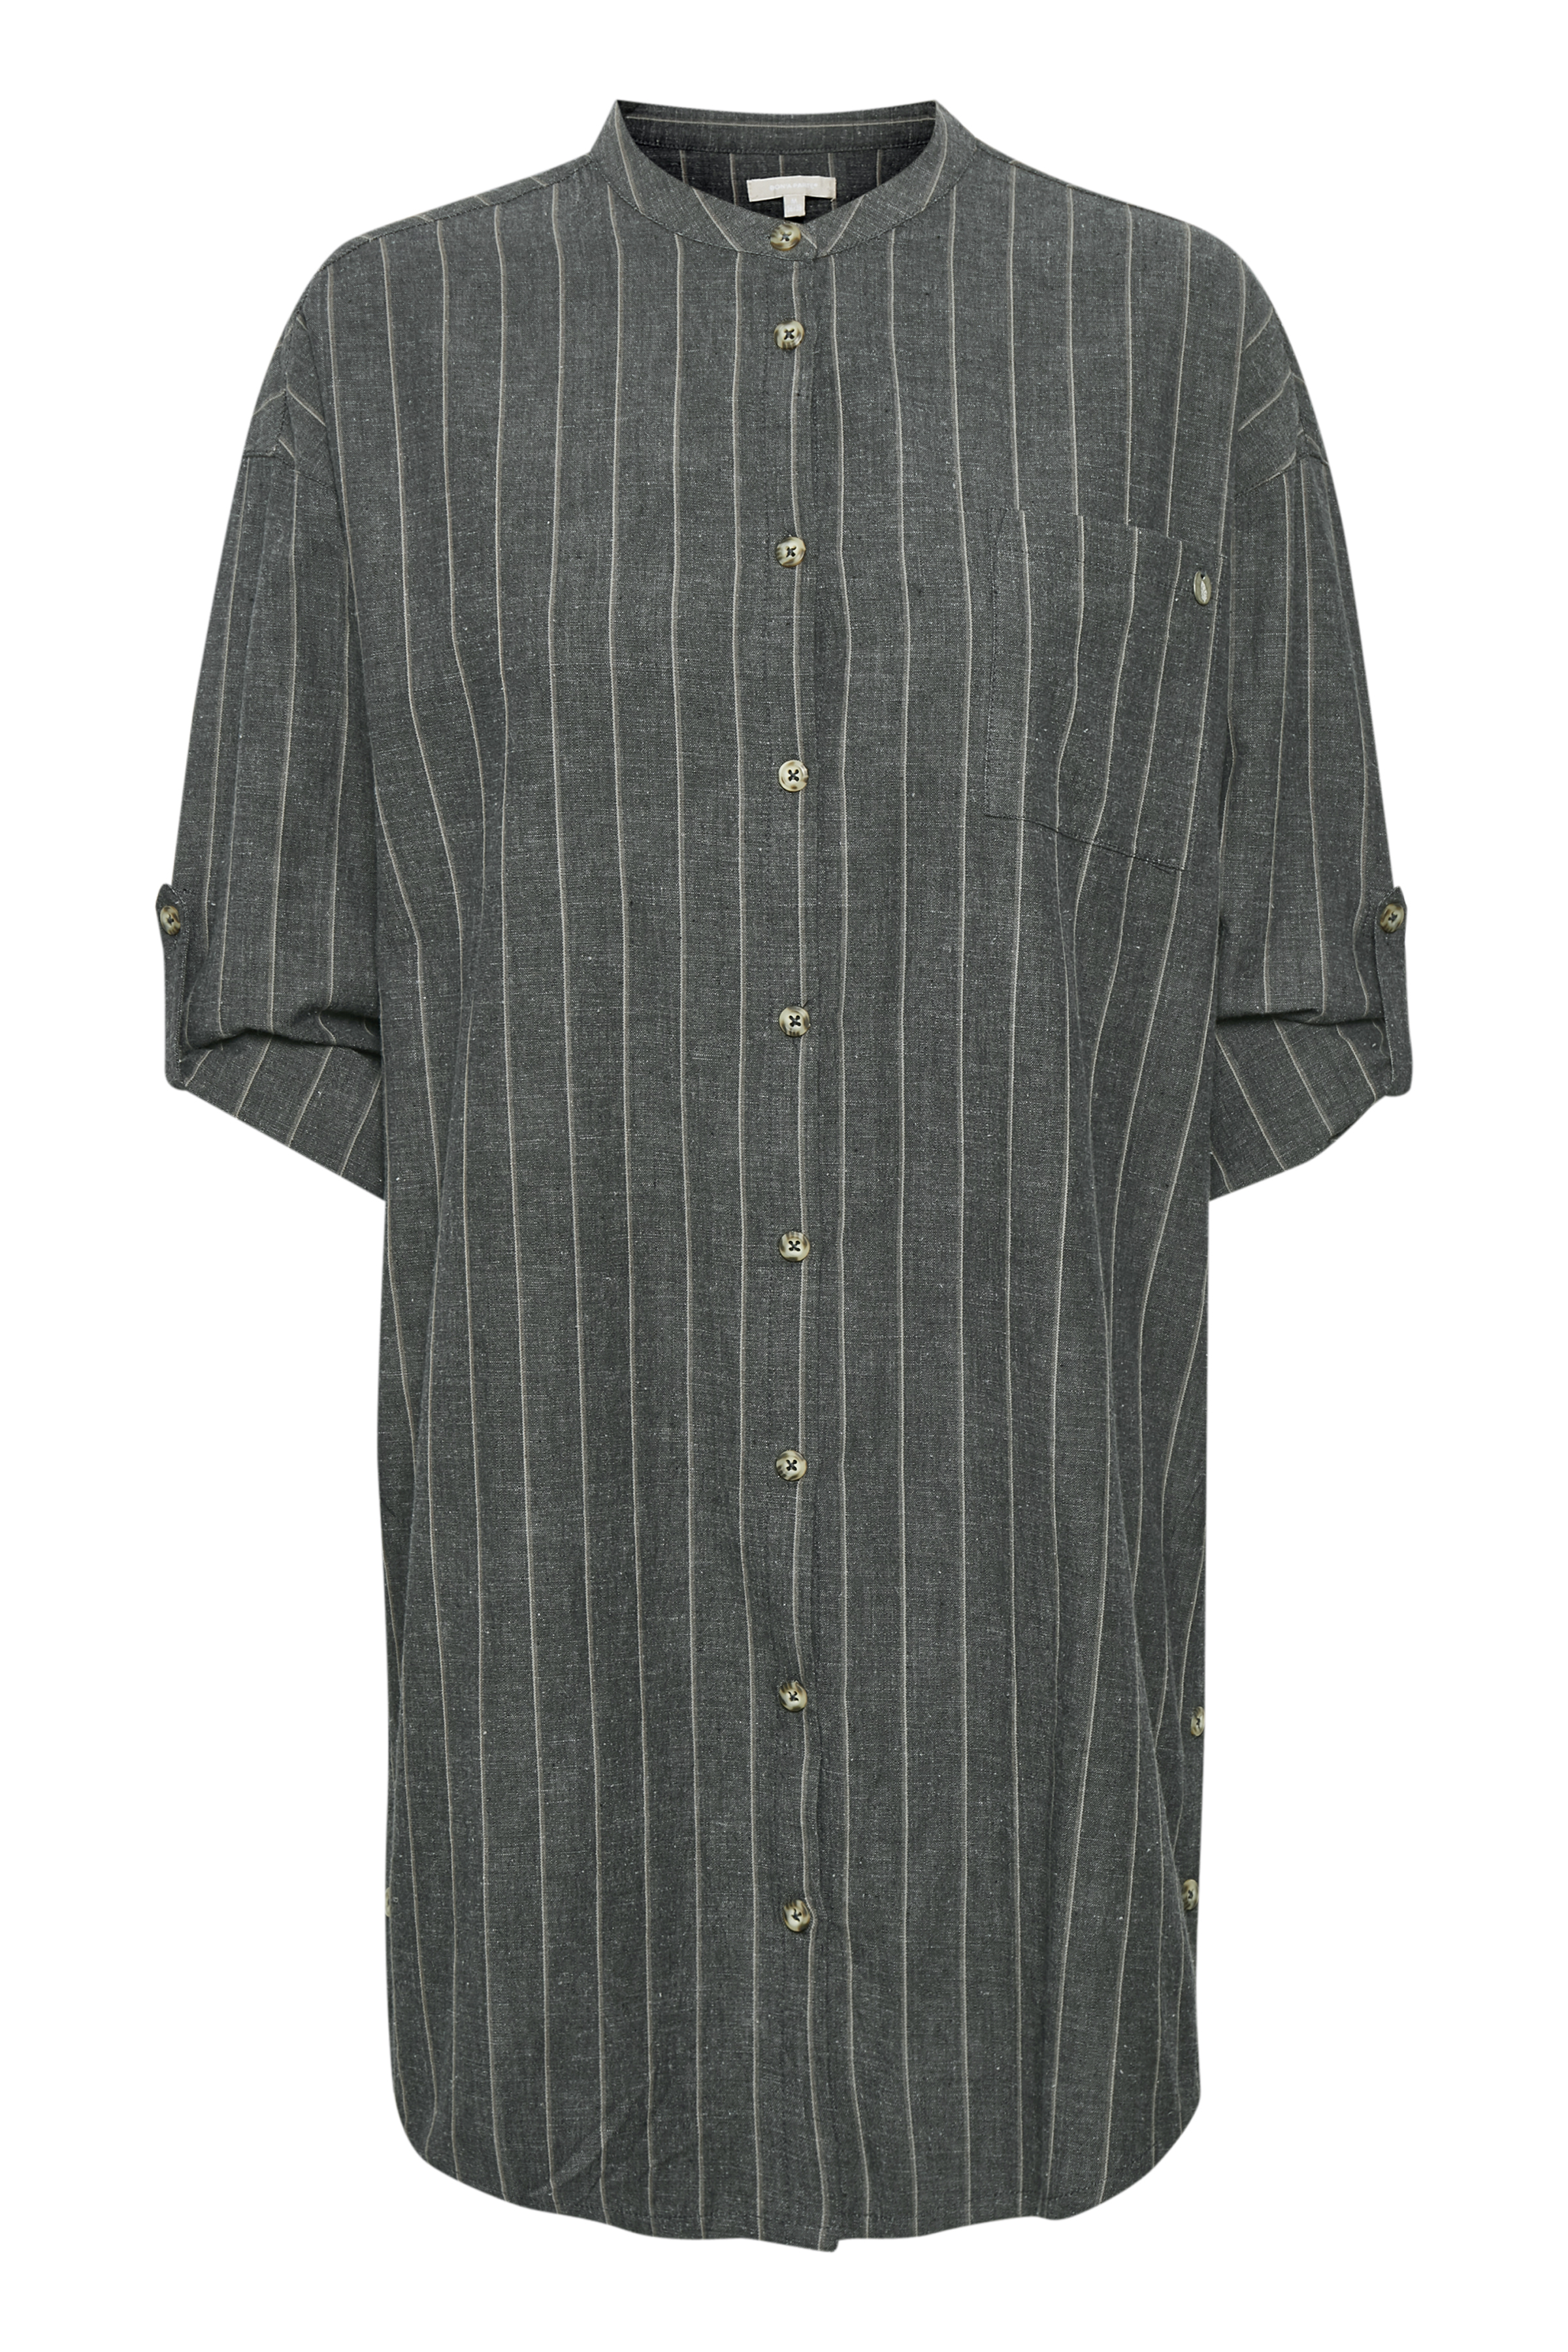 Charcoal/grau Tunika von Bon'A Parte – Shoppen Sie Charcoal/grau Tunika ab Gr. S-2XL hier